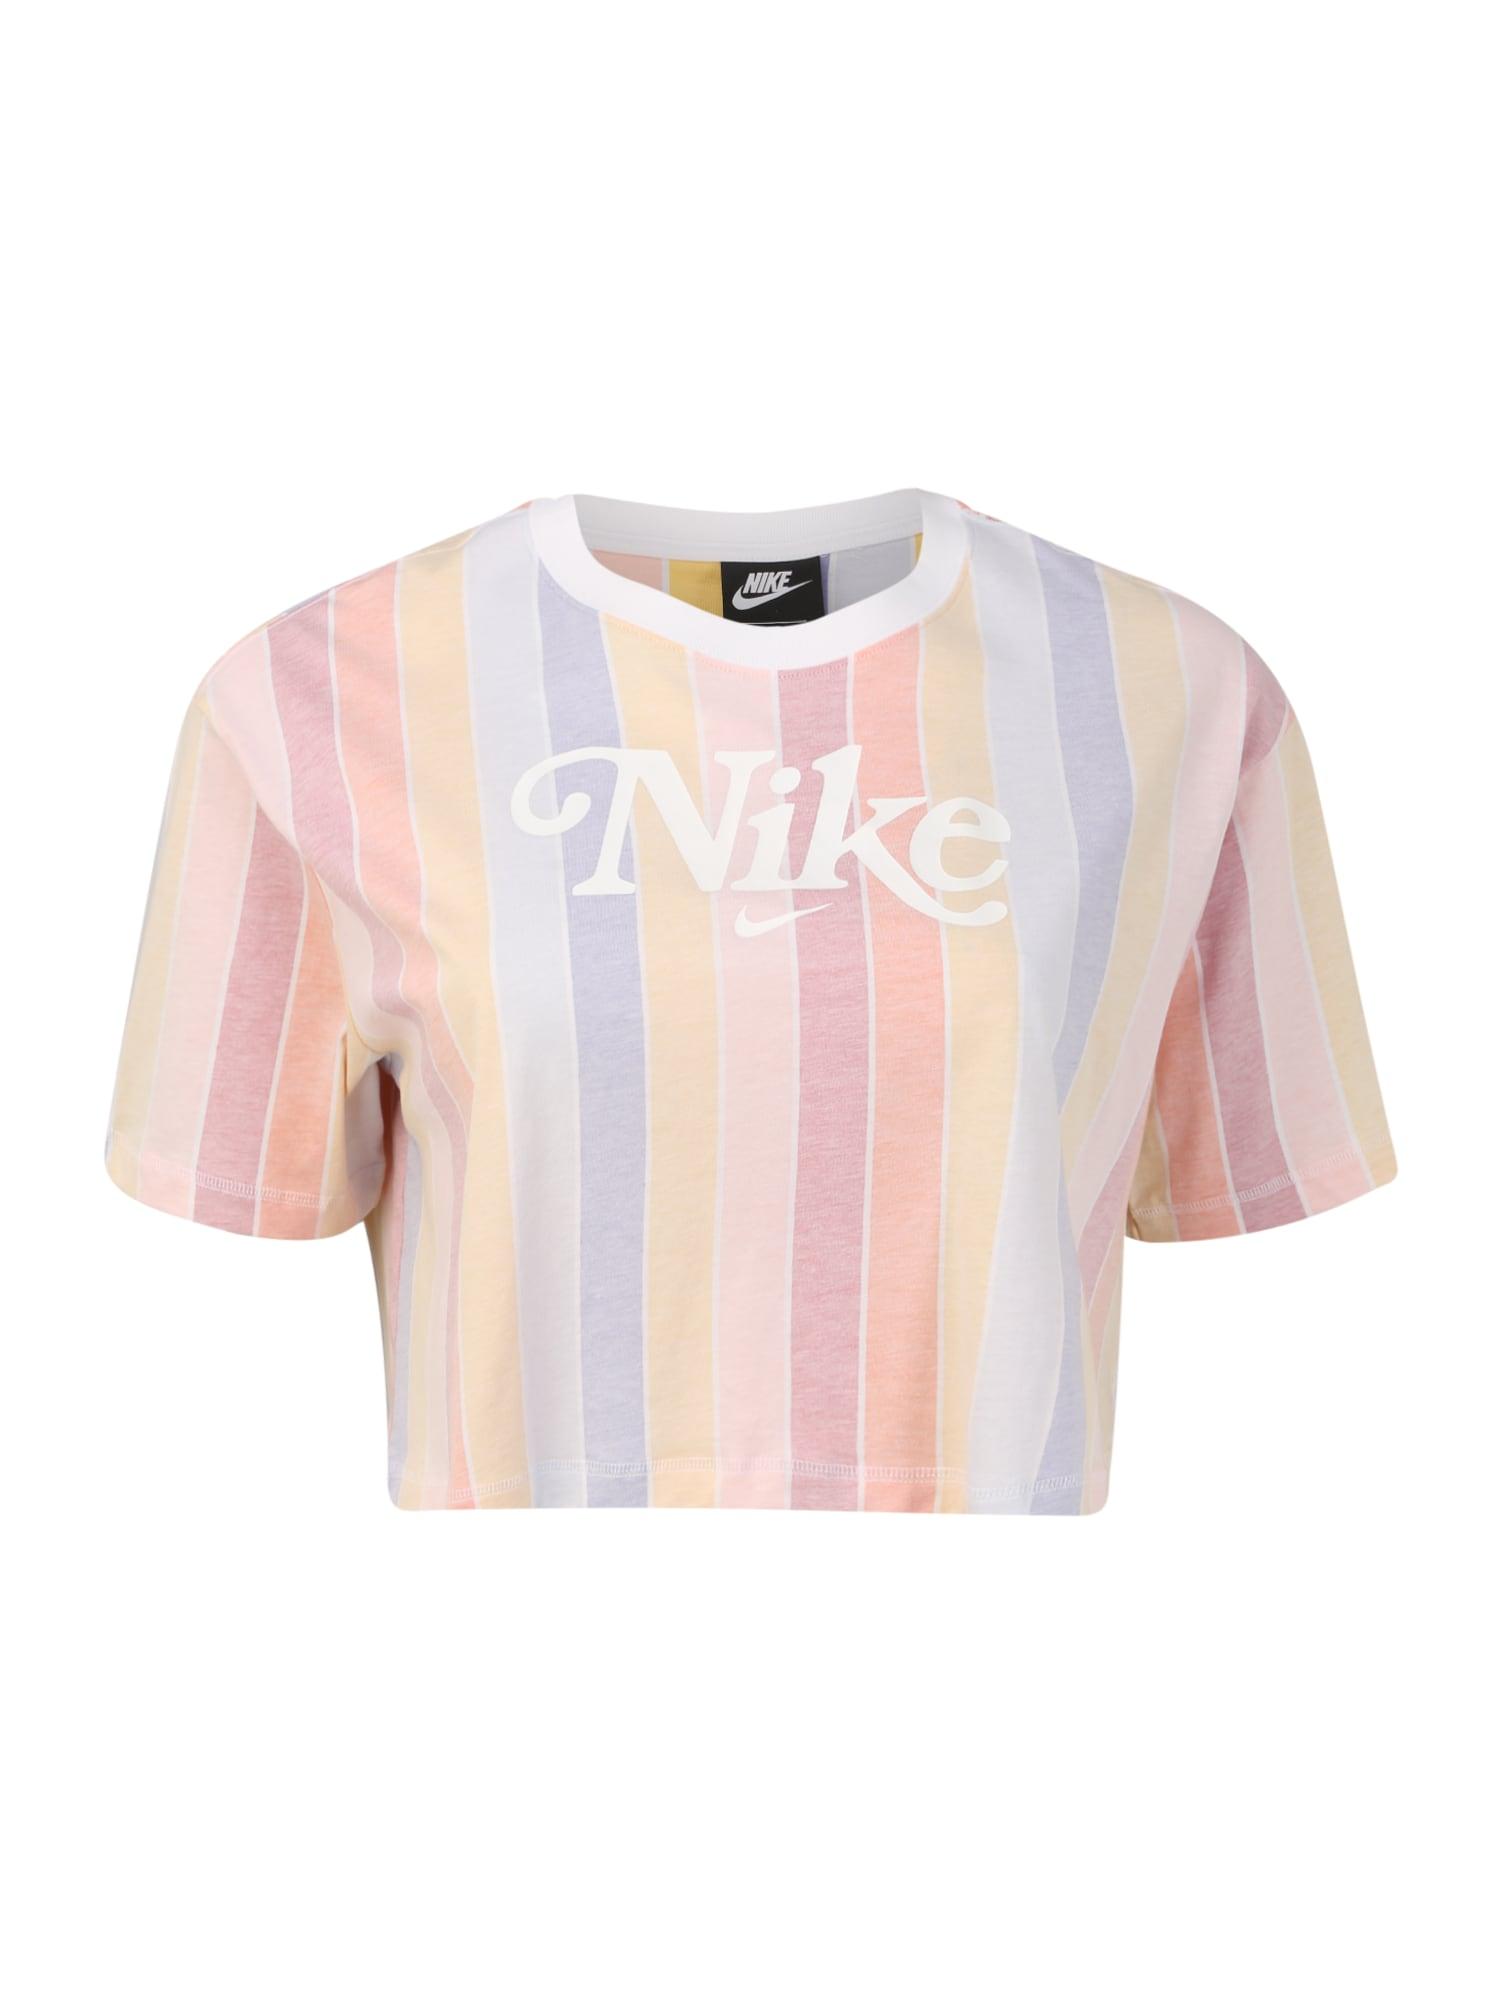 Nike Sportswear Tričko 'RET FEM'  světle žlutá / bílá / světle červená / světle růžová / kouřově modrá